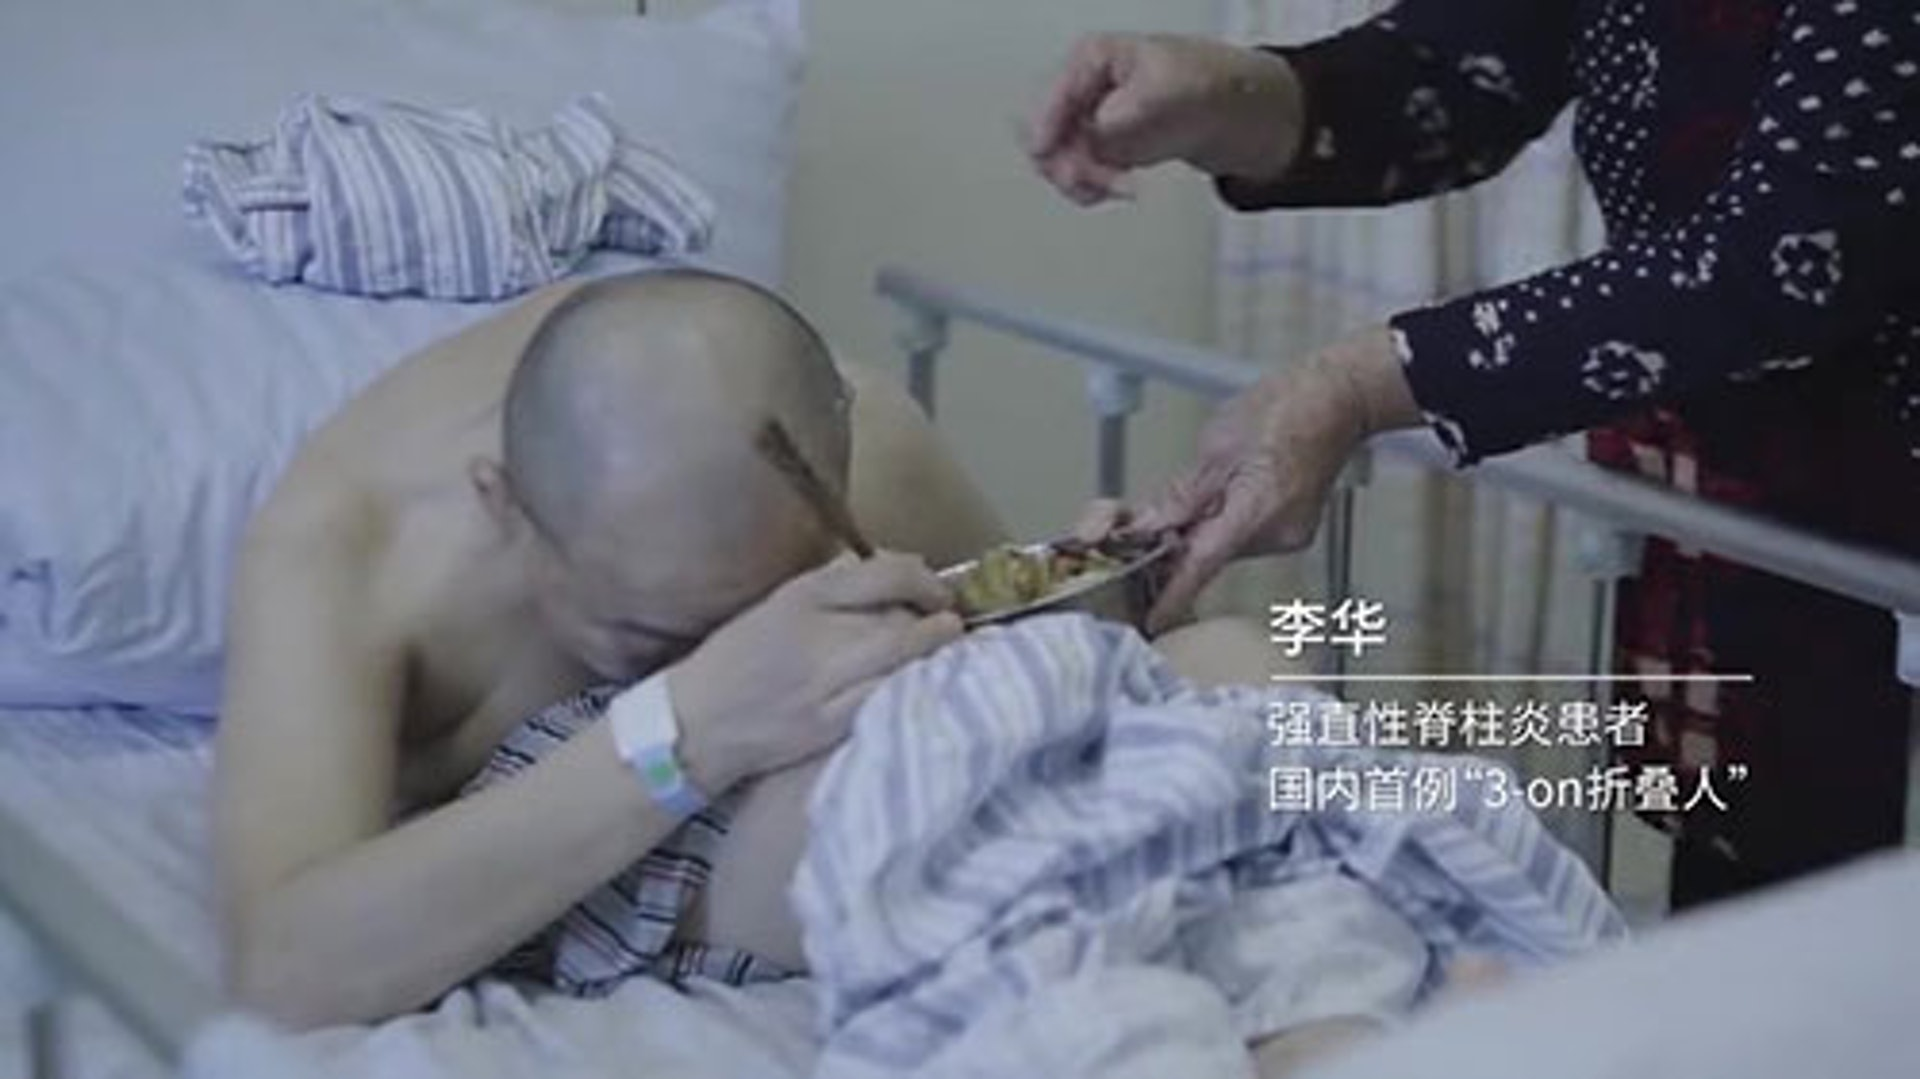 自從患病以來,李華的身體更呈現完全摺疊狀態,無法直立行走或平躺睡覺。((紀錄片截圖)